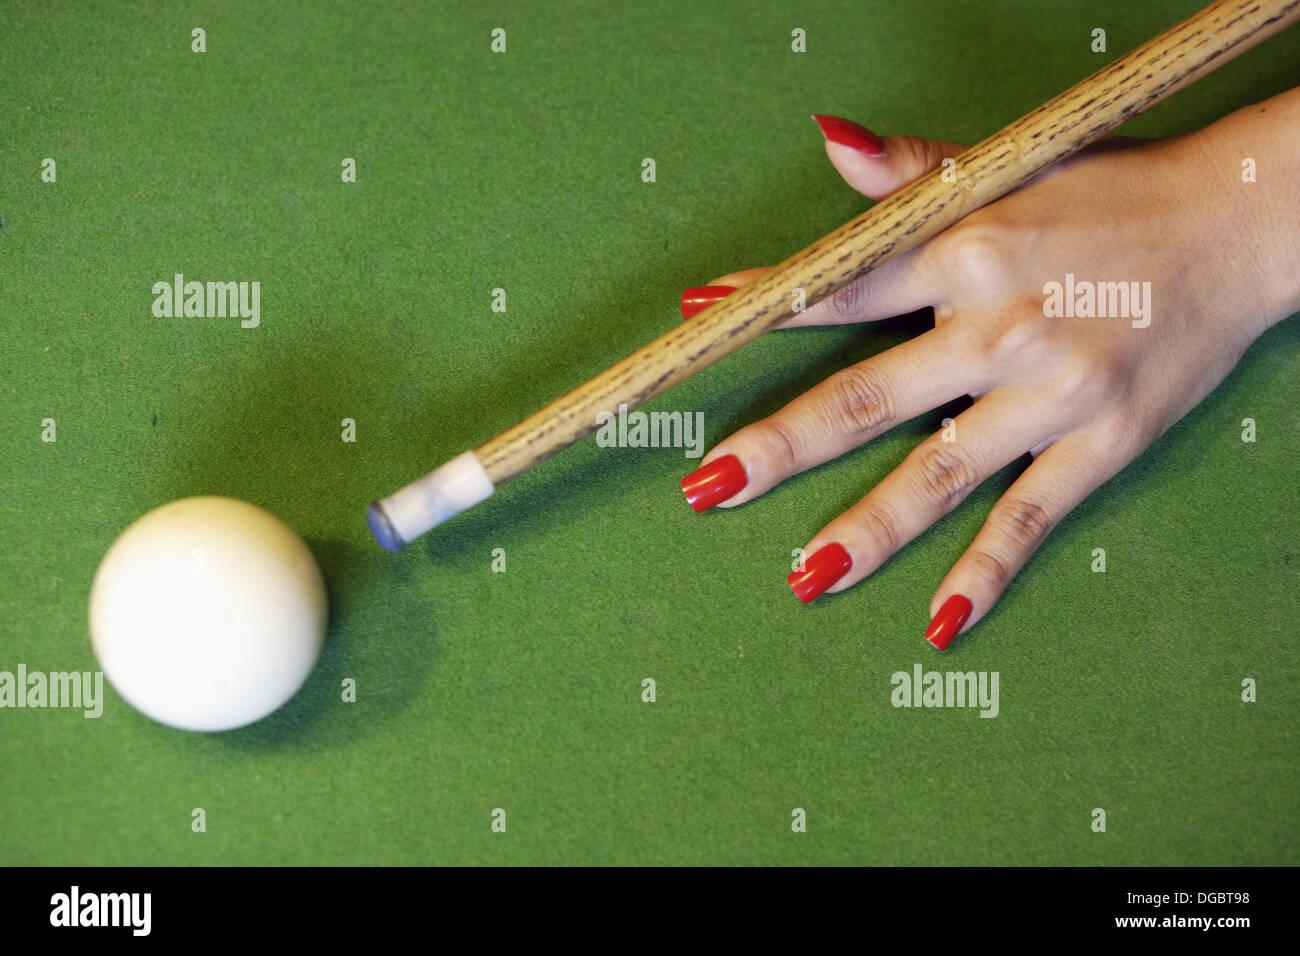 Red Finger Nails Imágenes De Stock & Red Finger Nails Fotos De Stock ...